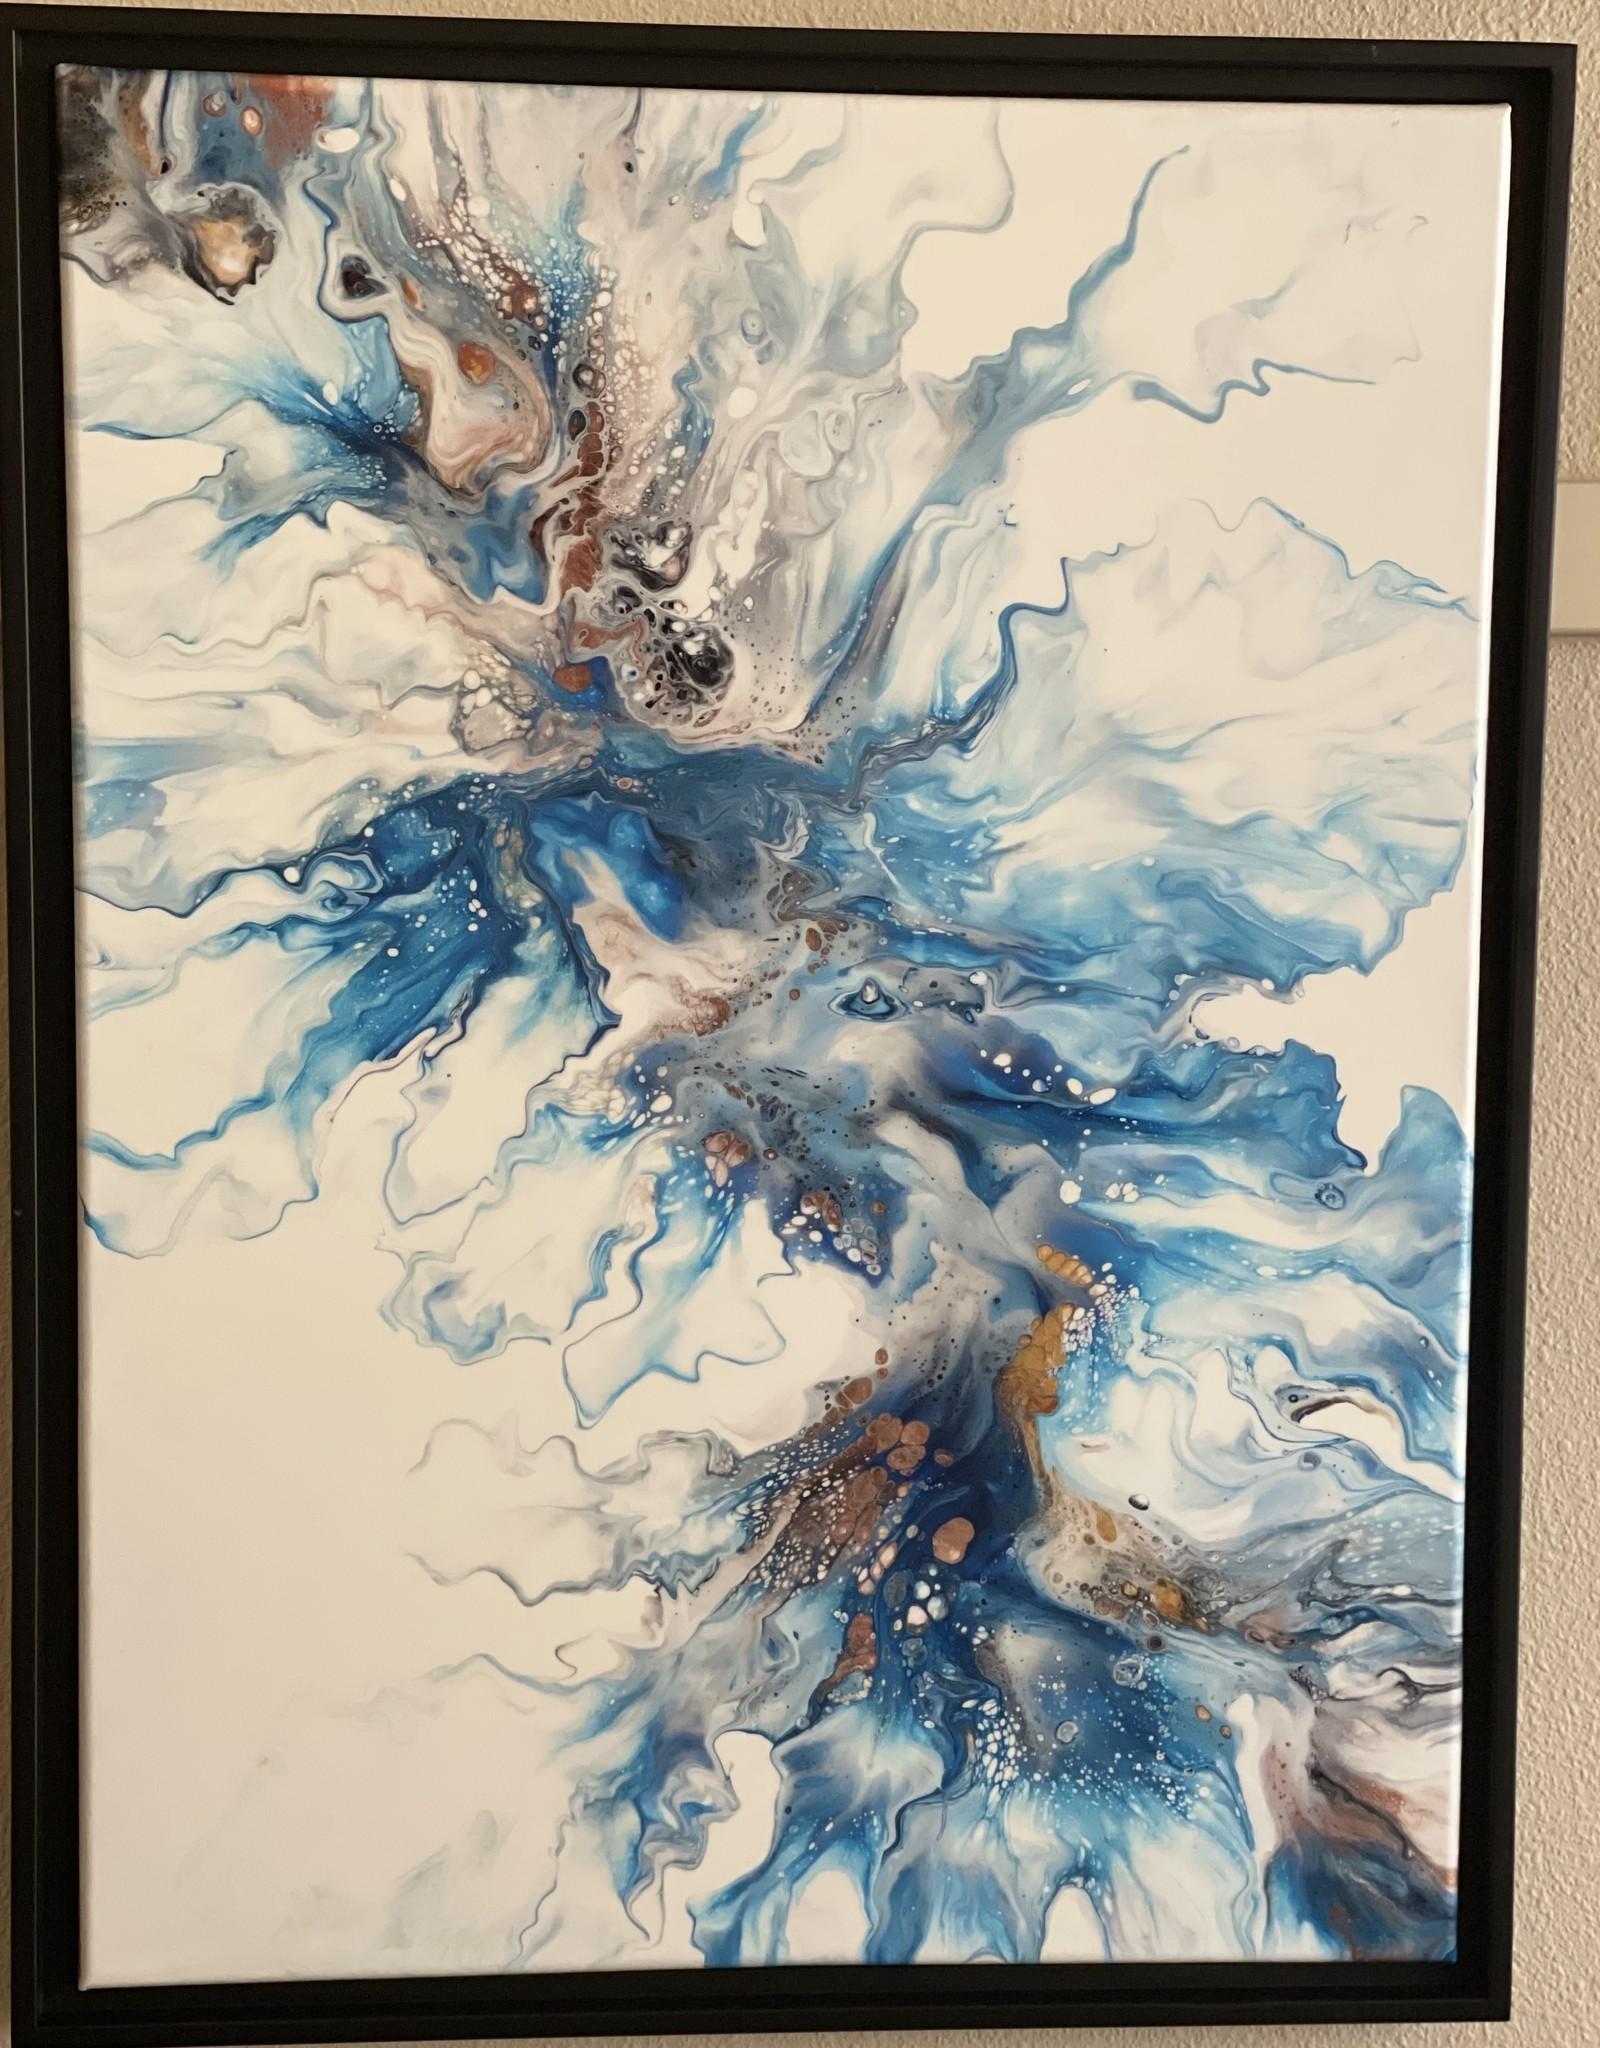 Joanne Cavallaro Art Splash